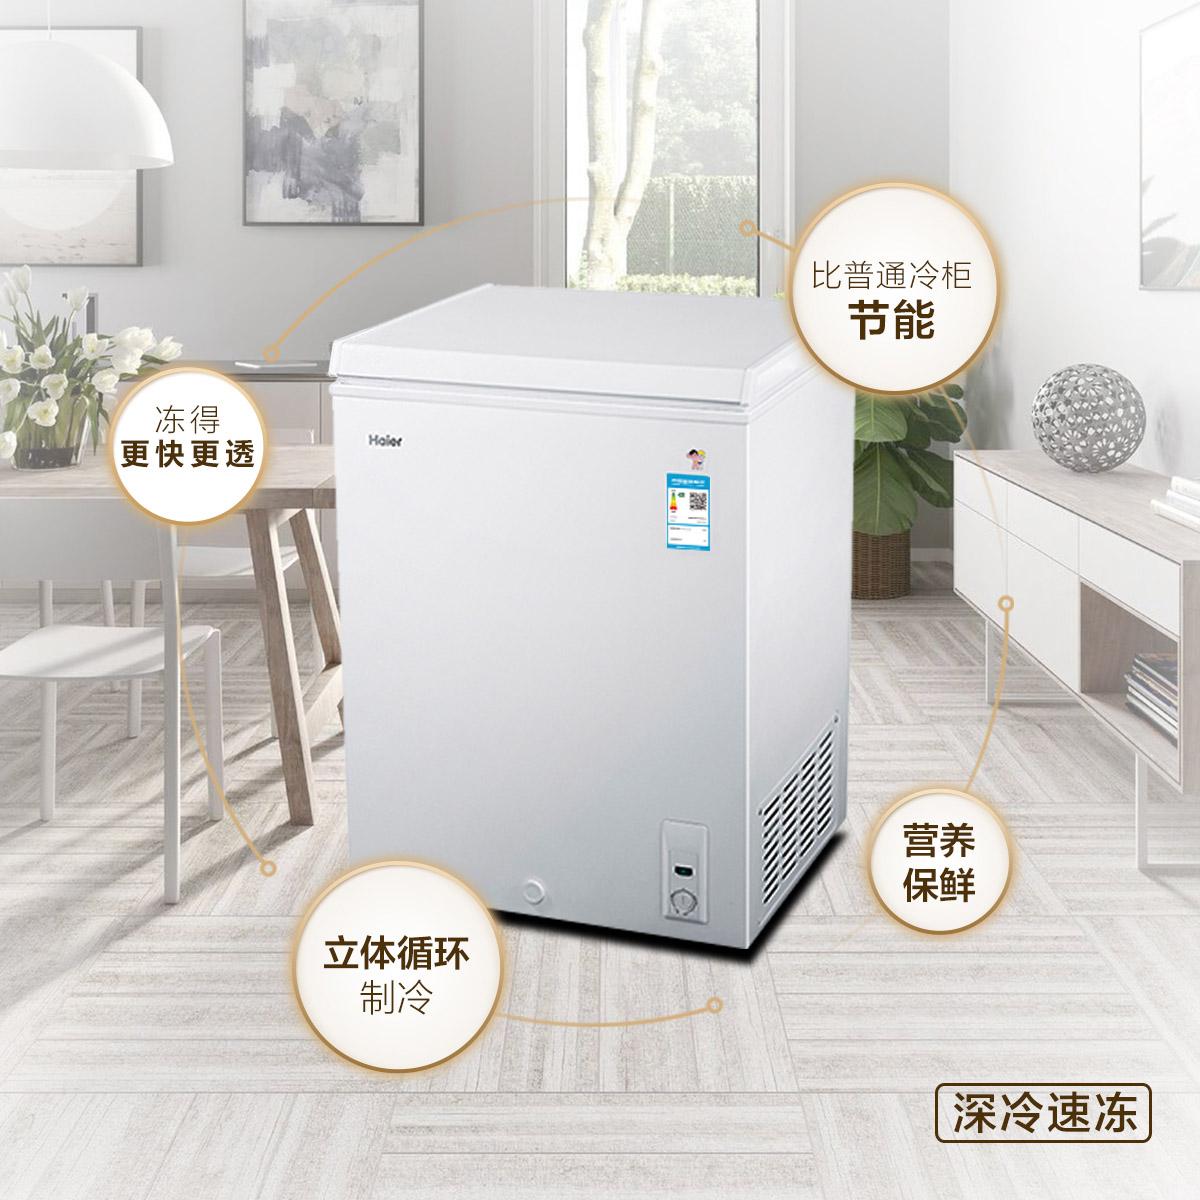 冷藏冷冻省电 大冷冻 冷柜 家用小冰柜 102HT BD BC 海尔 Haier